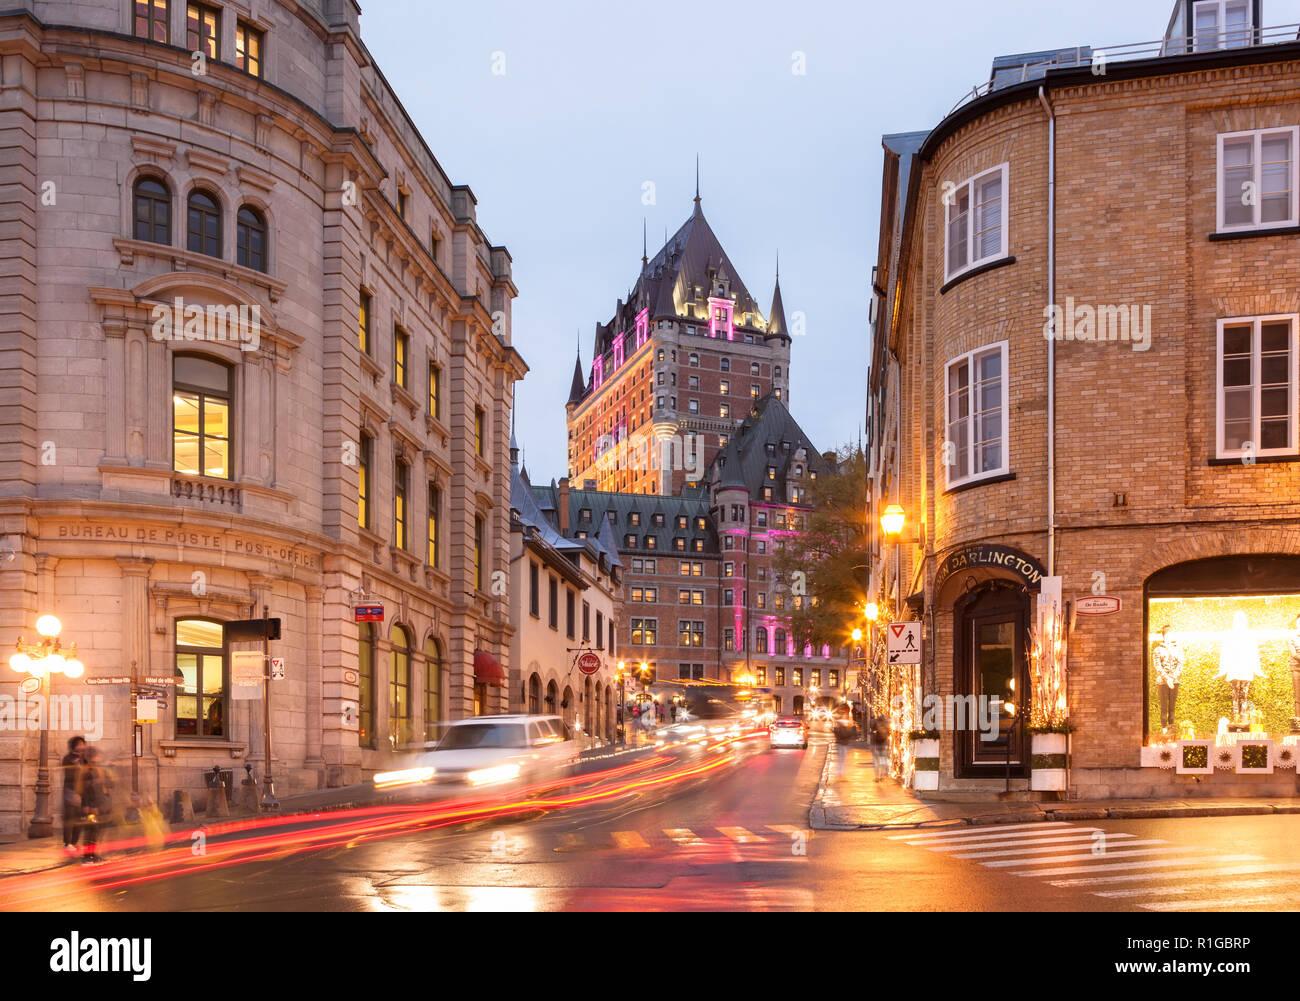 Fairmont le château frontenac leuchtet in der dämmerung und der rue